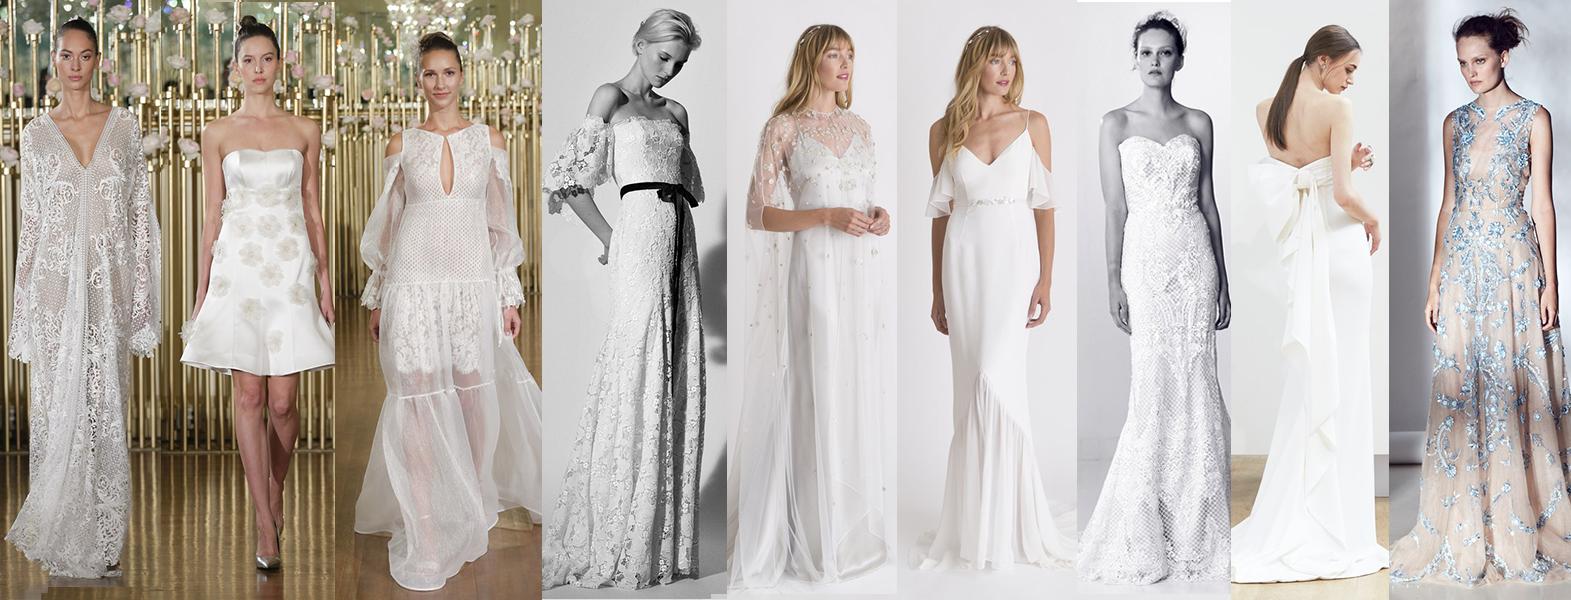 e4d49256e 12 tendências de vestidos de noiva para 2018